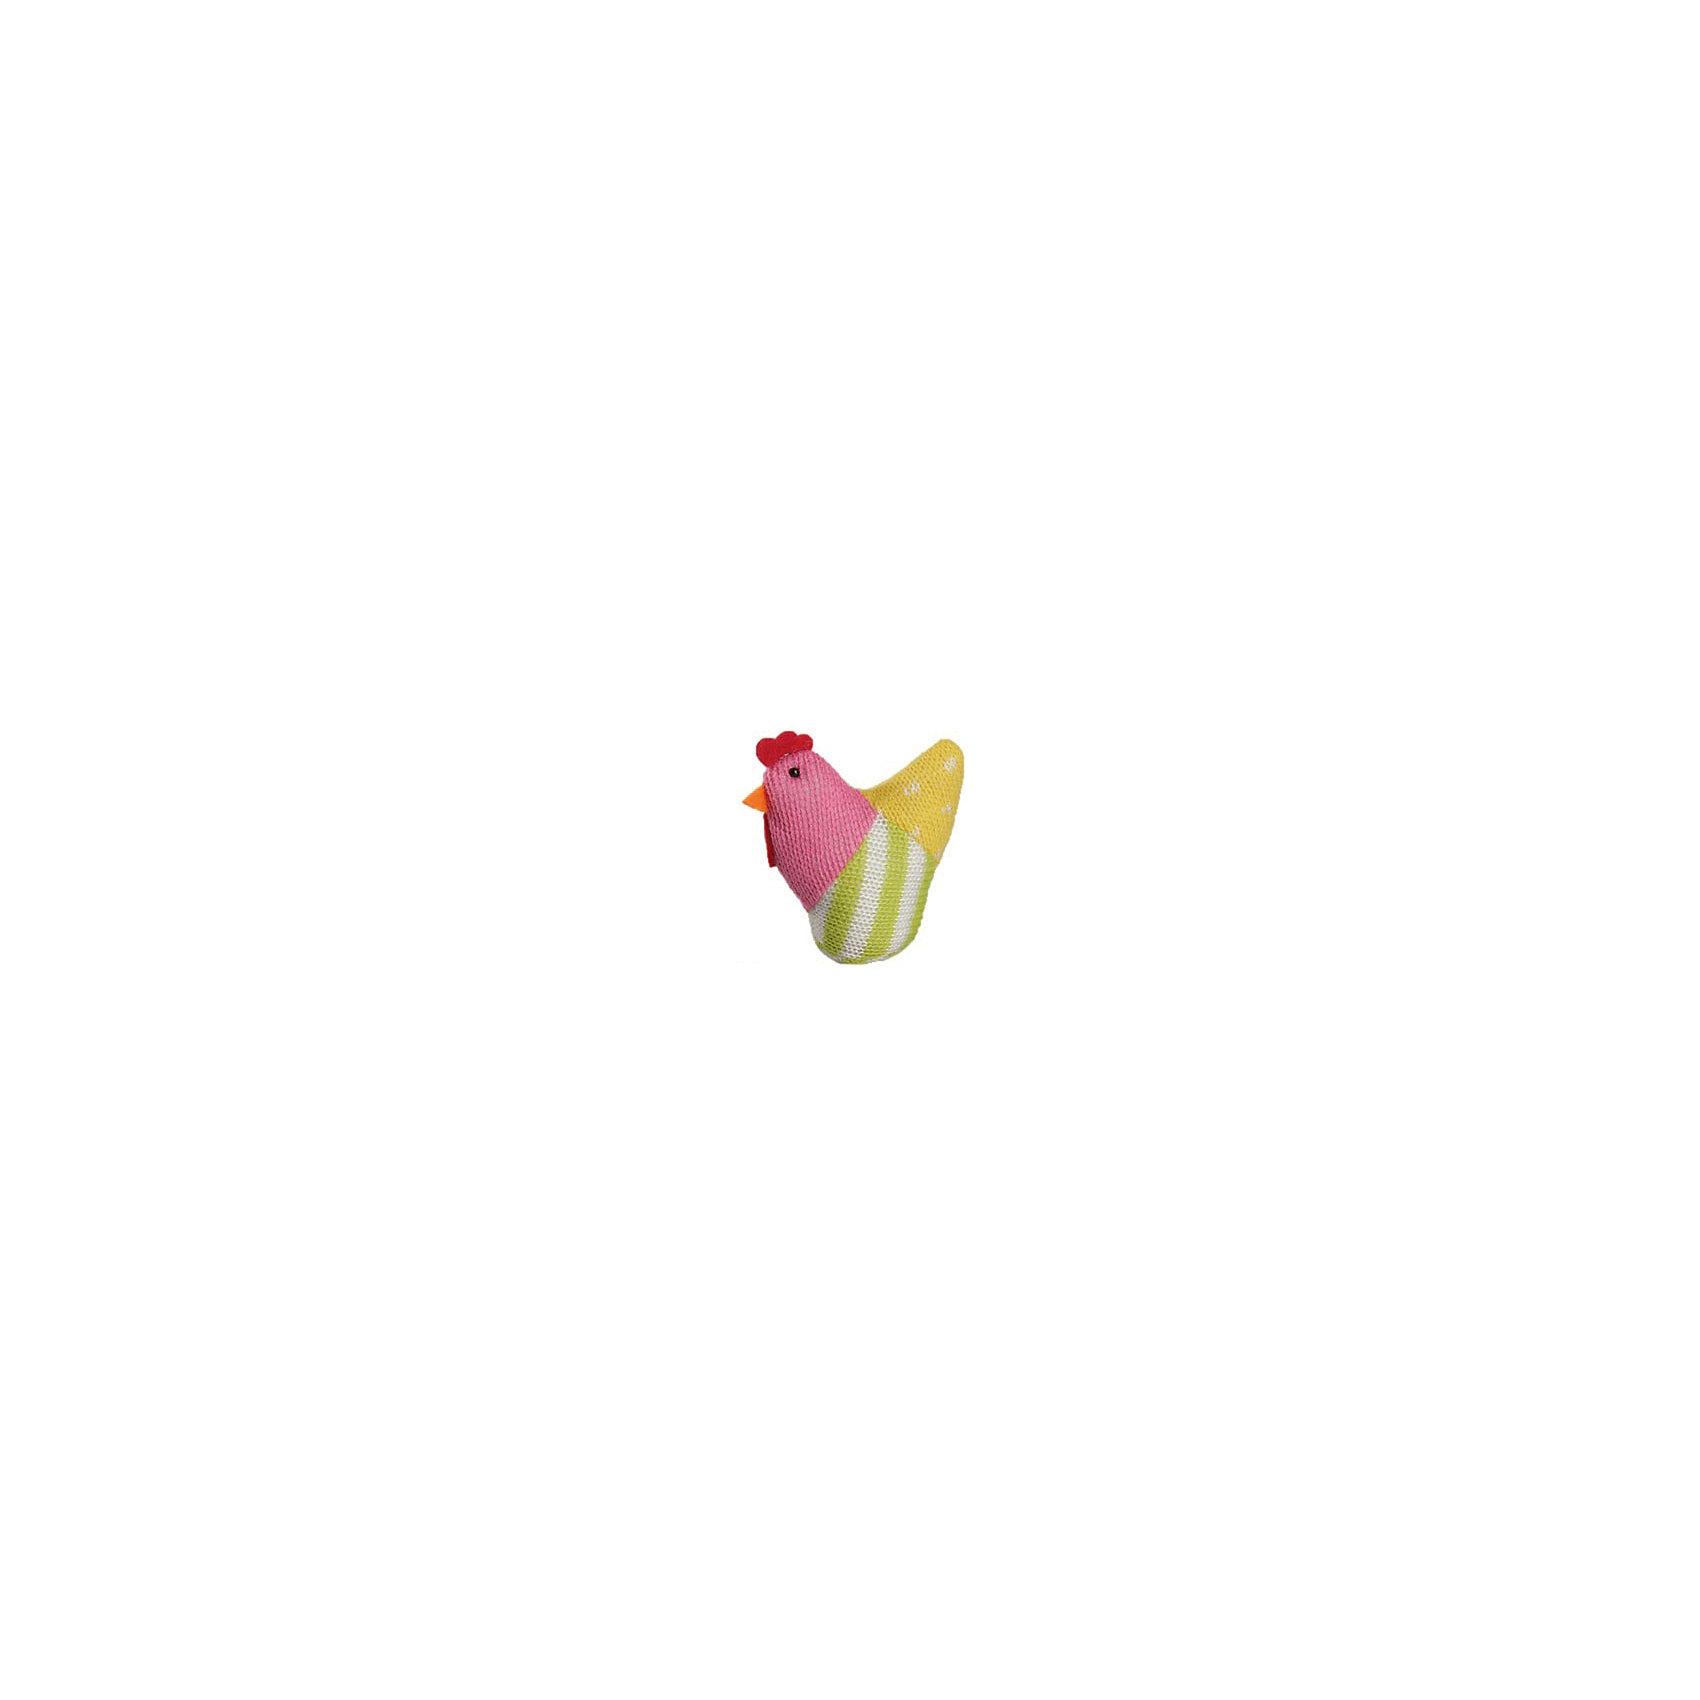 Сувенир мягконабивной ЦыпленокСувенир Цыпленок станет приятным сюрпризом и для детей и для взрослых. Мягконабивная игрушка выполнена в виде симпатичного цыпленка с красным гребешком, словно сшитого из разноцветных лоскутков. Забавный сувенир прекрасно украсит интерьер и поднимет настроение.<br><br>Дополнительная информация:<br><br>- Материал: текстиль, наполнитель (полимерные материалы).<br>- Размер сувенира: 11,5 х 9 х 5 см.<br>- Вес: 50 гр.<br><br>Сувенир мягконабивной Цыпленок, Премьер-игрушка, можно купить в нашем интернет-магазине.<br><br>Ширина мм: 115<br>Глубина мм: 50<br>Высота мм: 90<br>Вес г: 50<br>Возраст от месяцев: 36<br>Возраст до месяцев: 2147483647<br>Пол: Унисекс<br>Возраст: Детский<br>SKU: 4512295